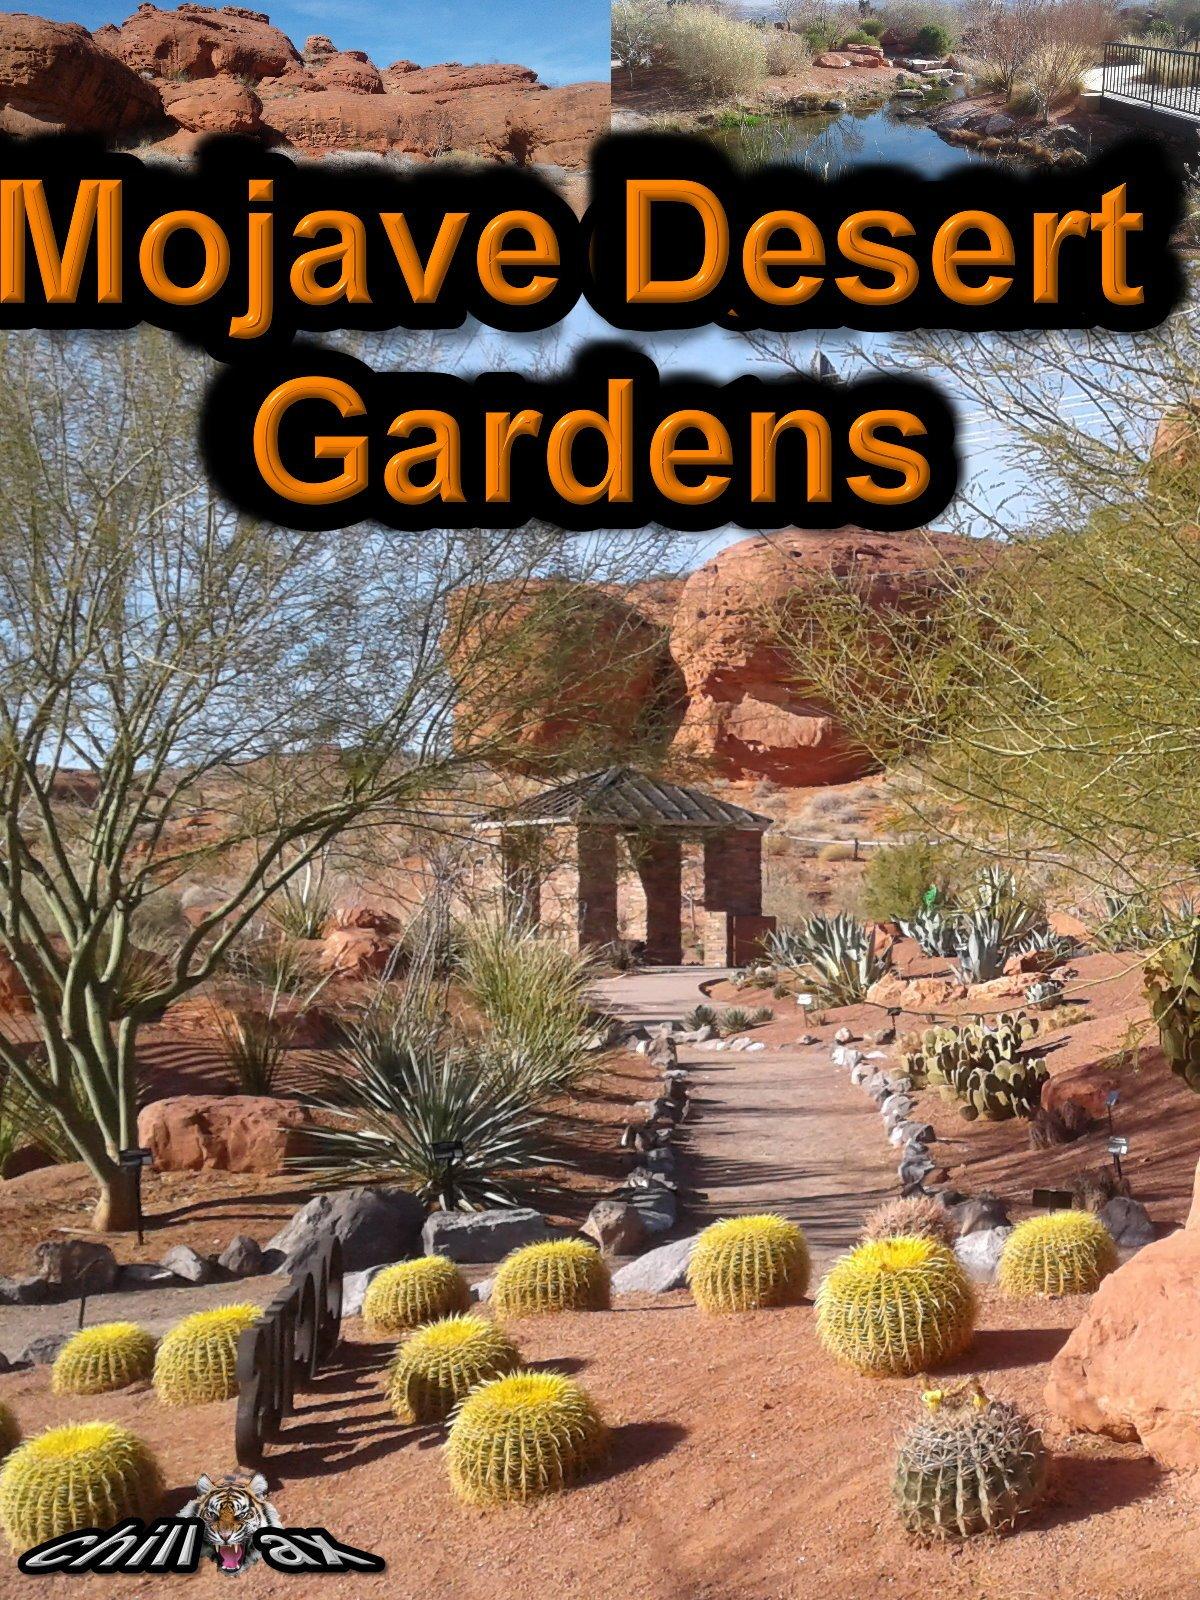 Mojave Desert Gardens